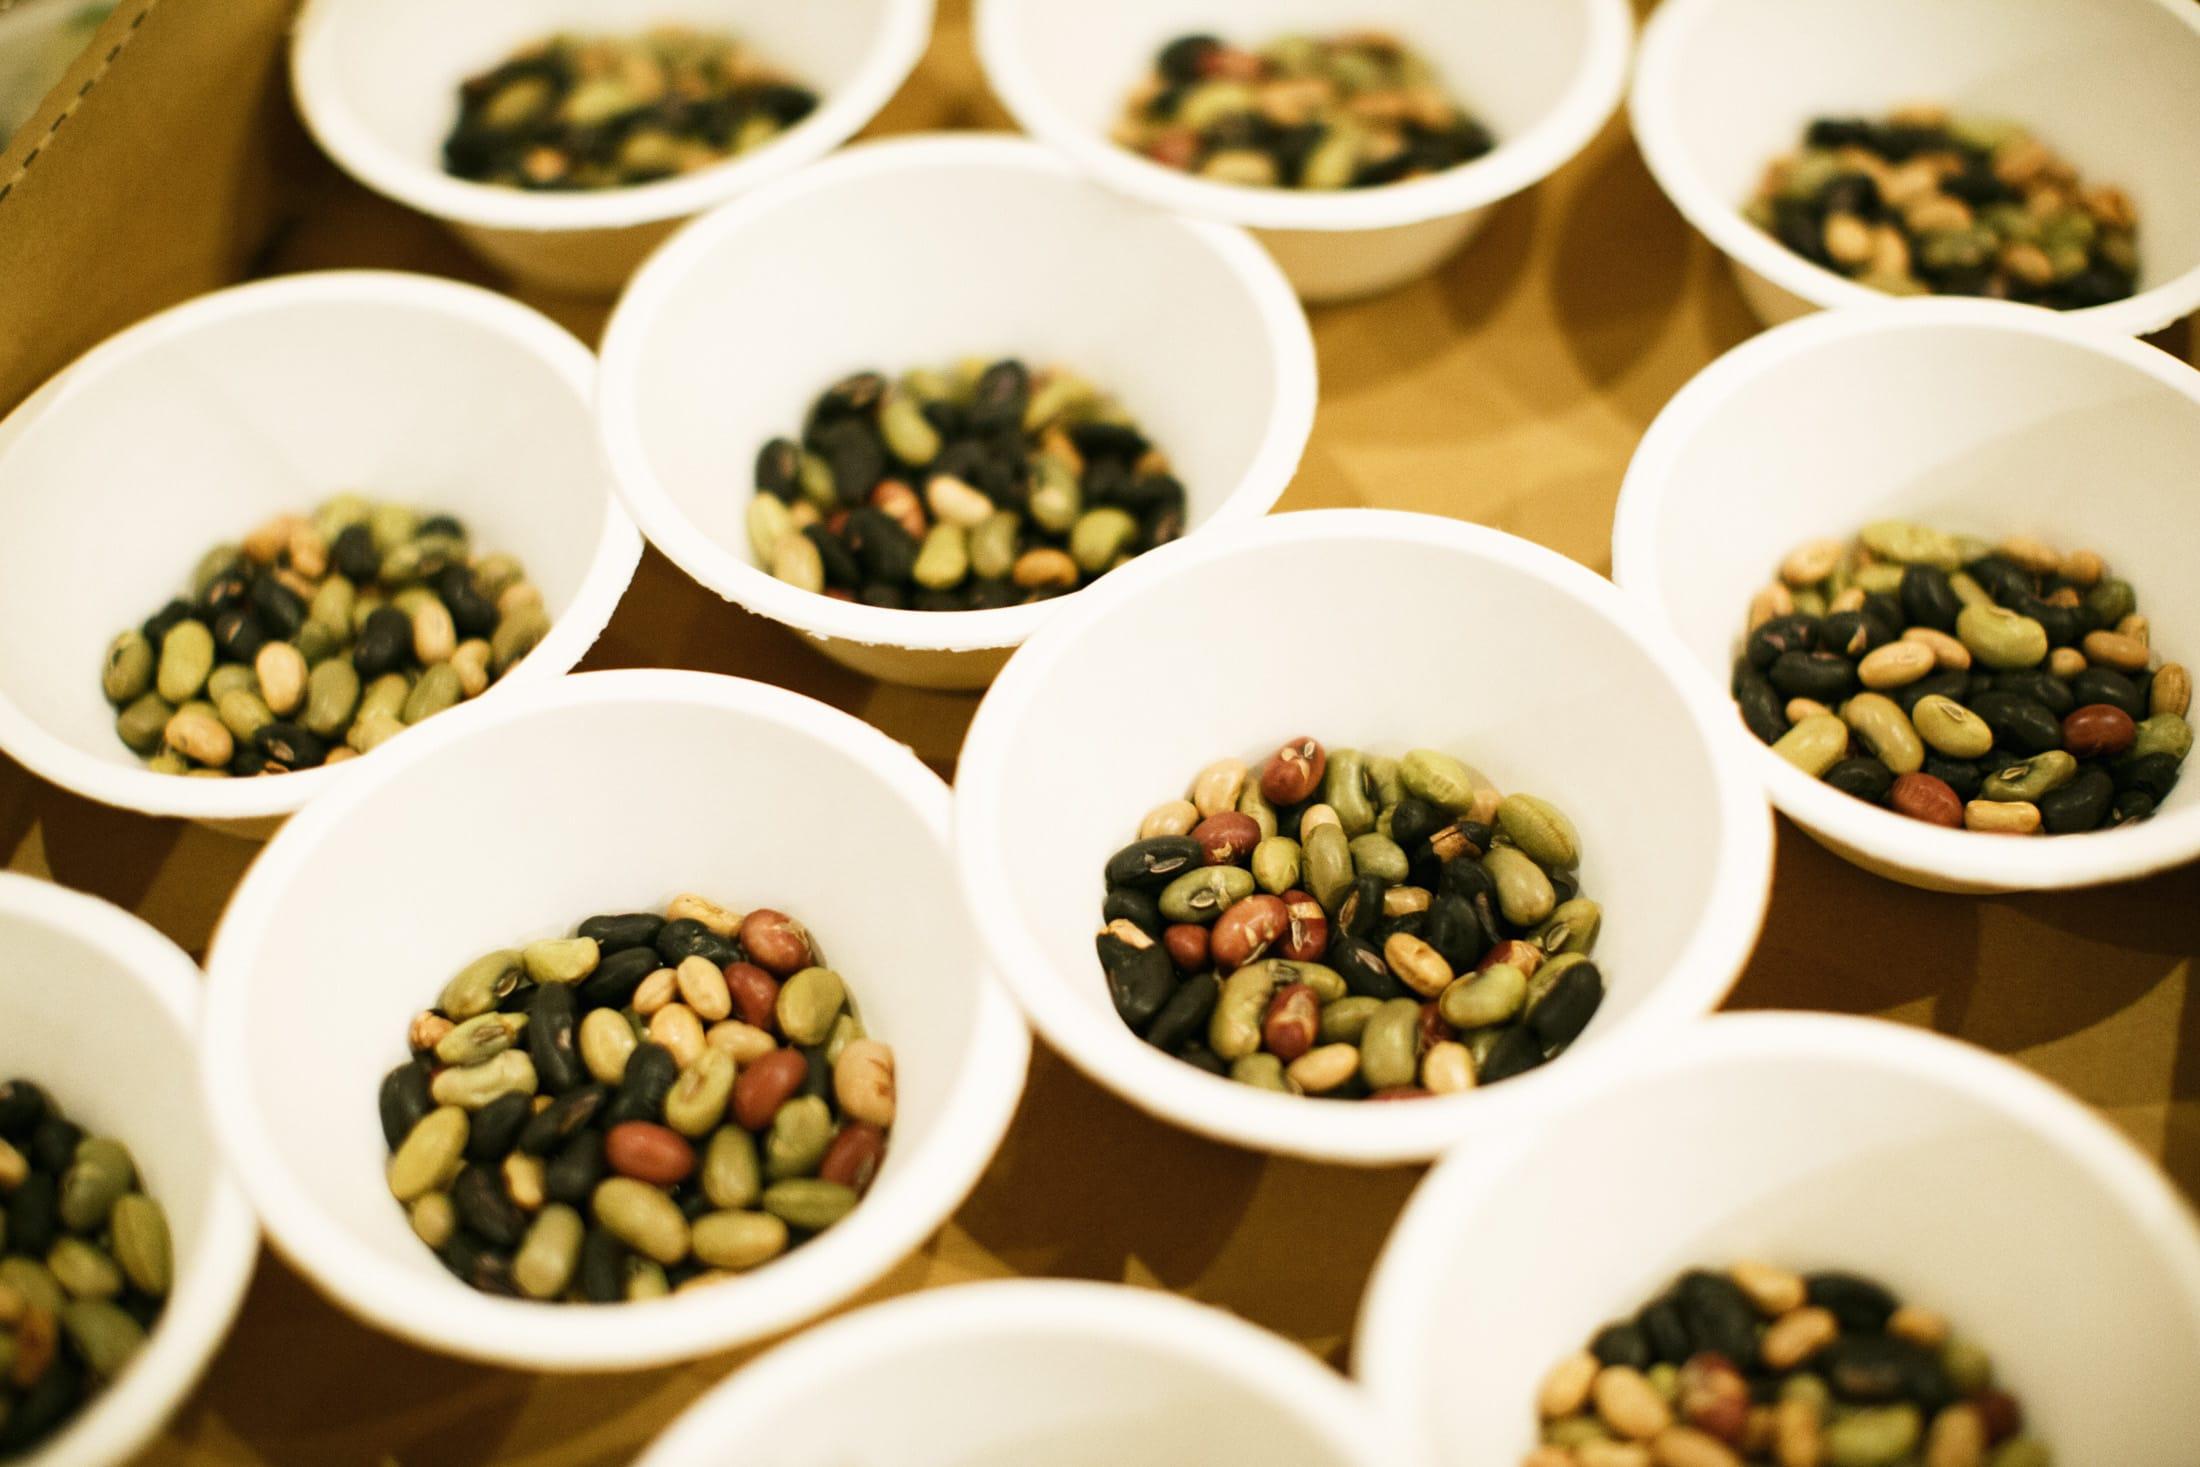 山形県の伝承大豆を何種類かブレンド。山口県・萩の「釜炊き塩」や「しそわかめ」などをふりかけて食べる、「炒り豆ぽりぽり」。